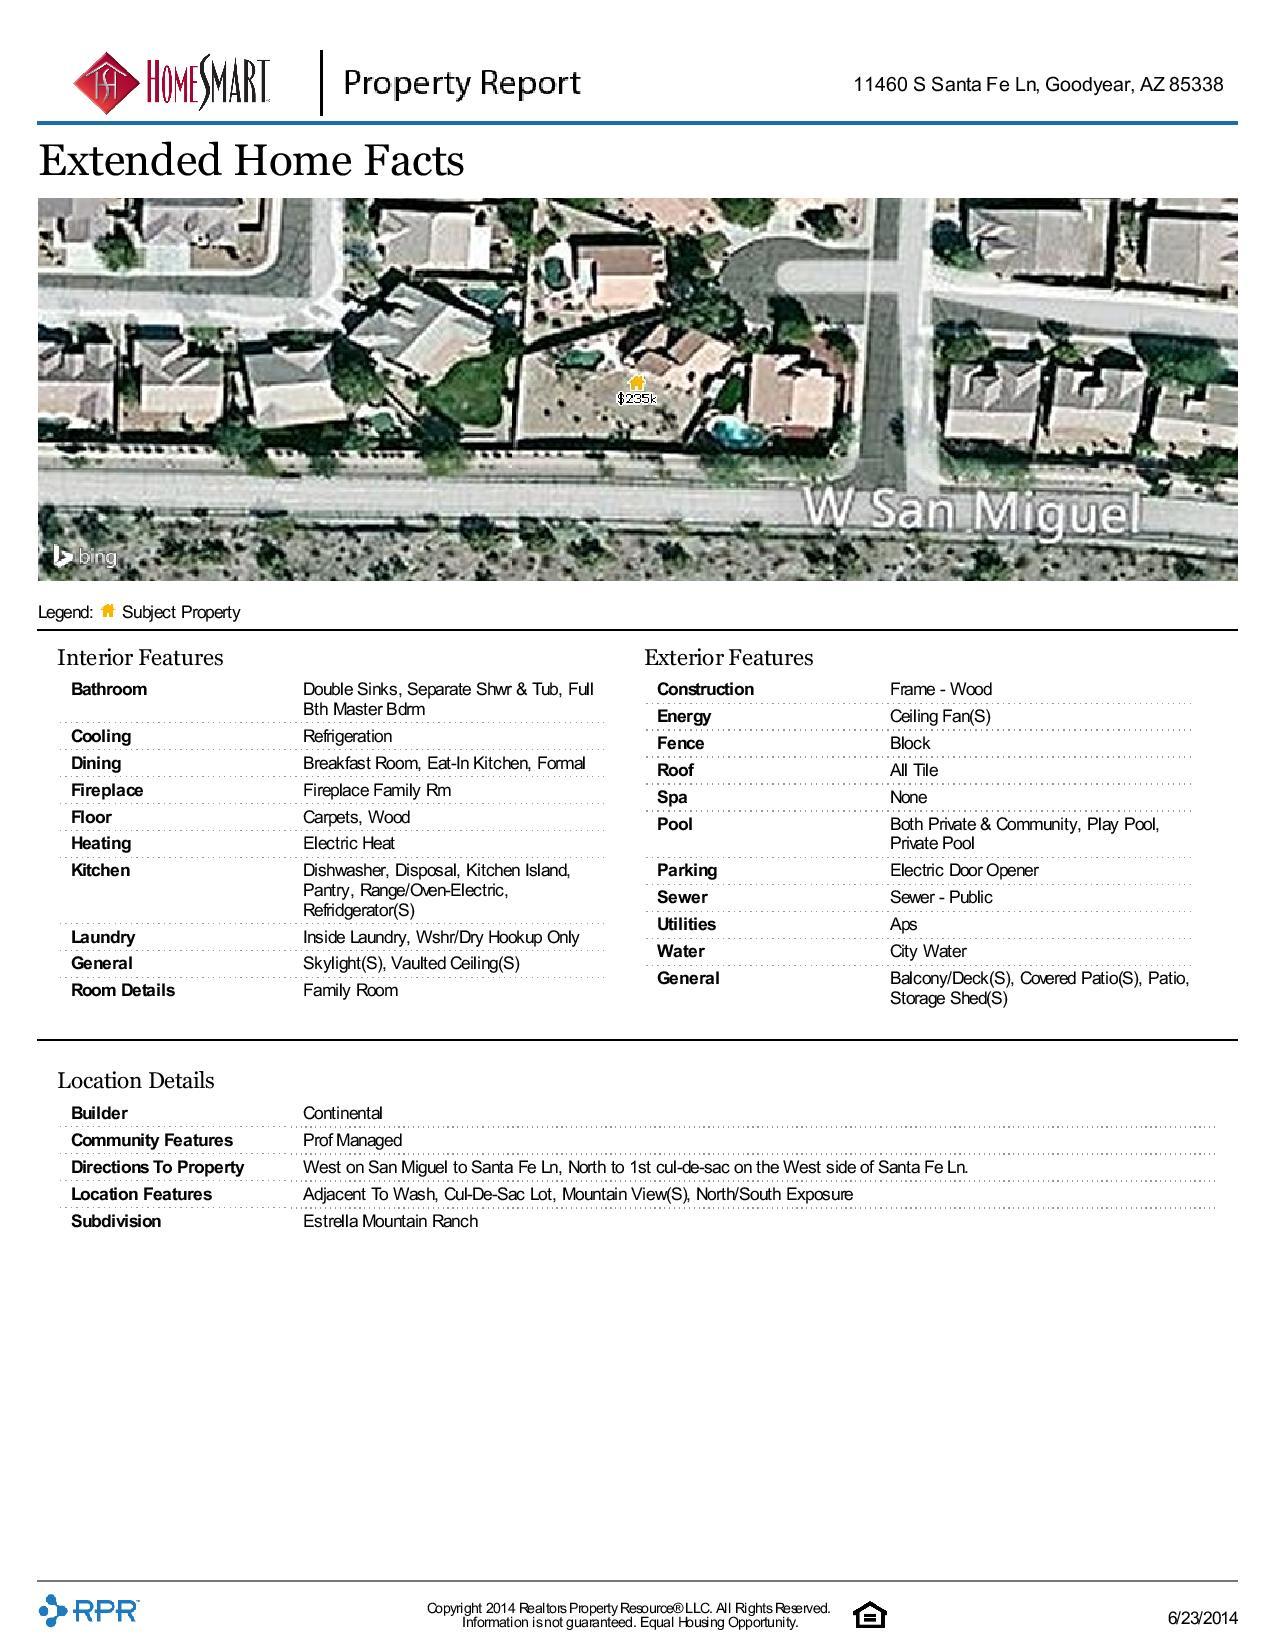 11460-S-Santa-Fe-Ln-Goodyear-AZ-85338-page-004